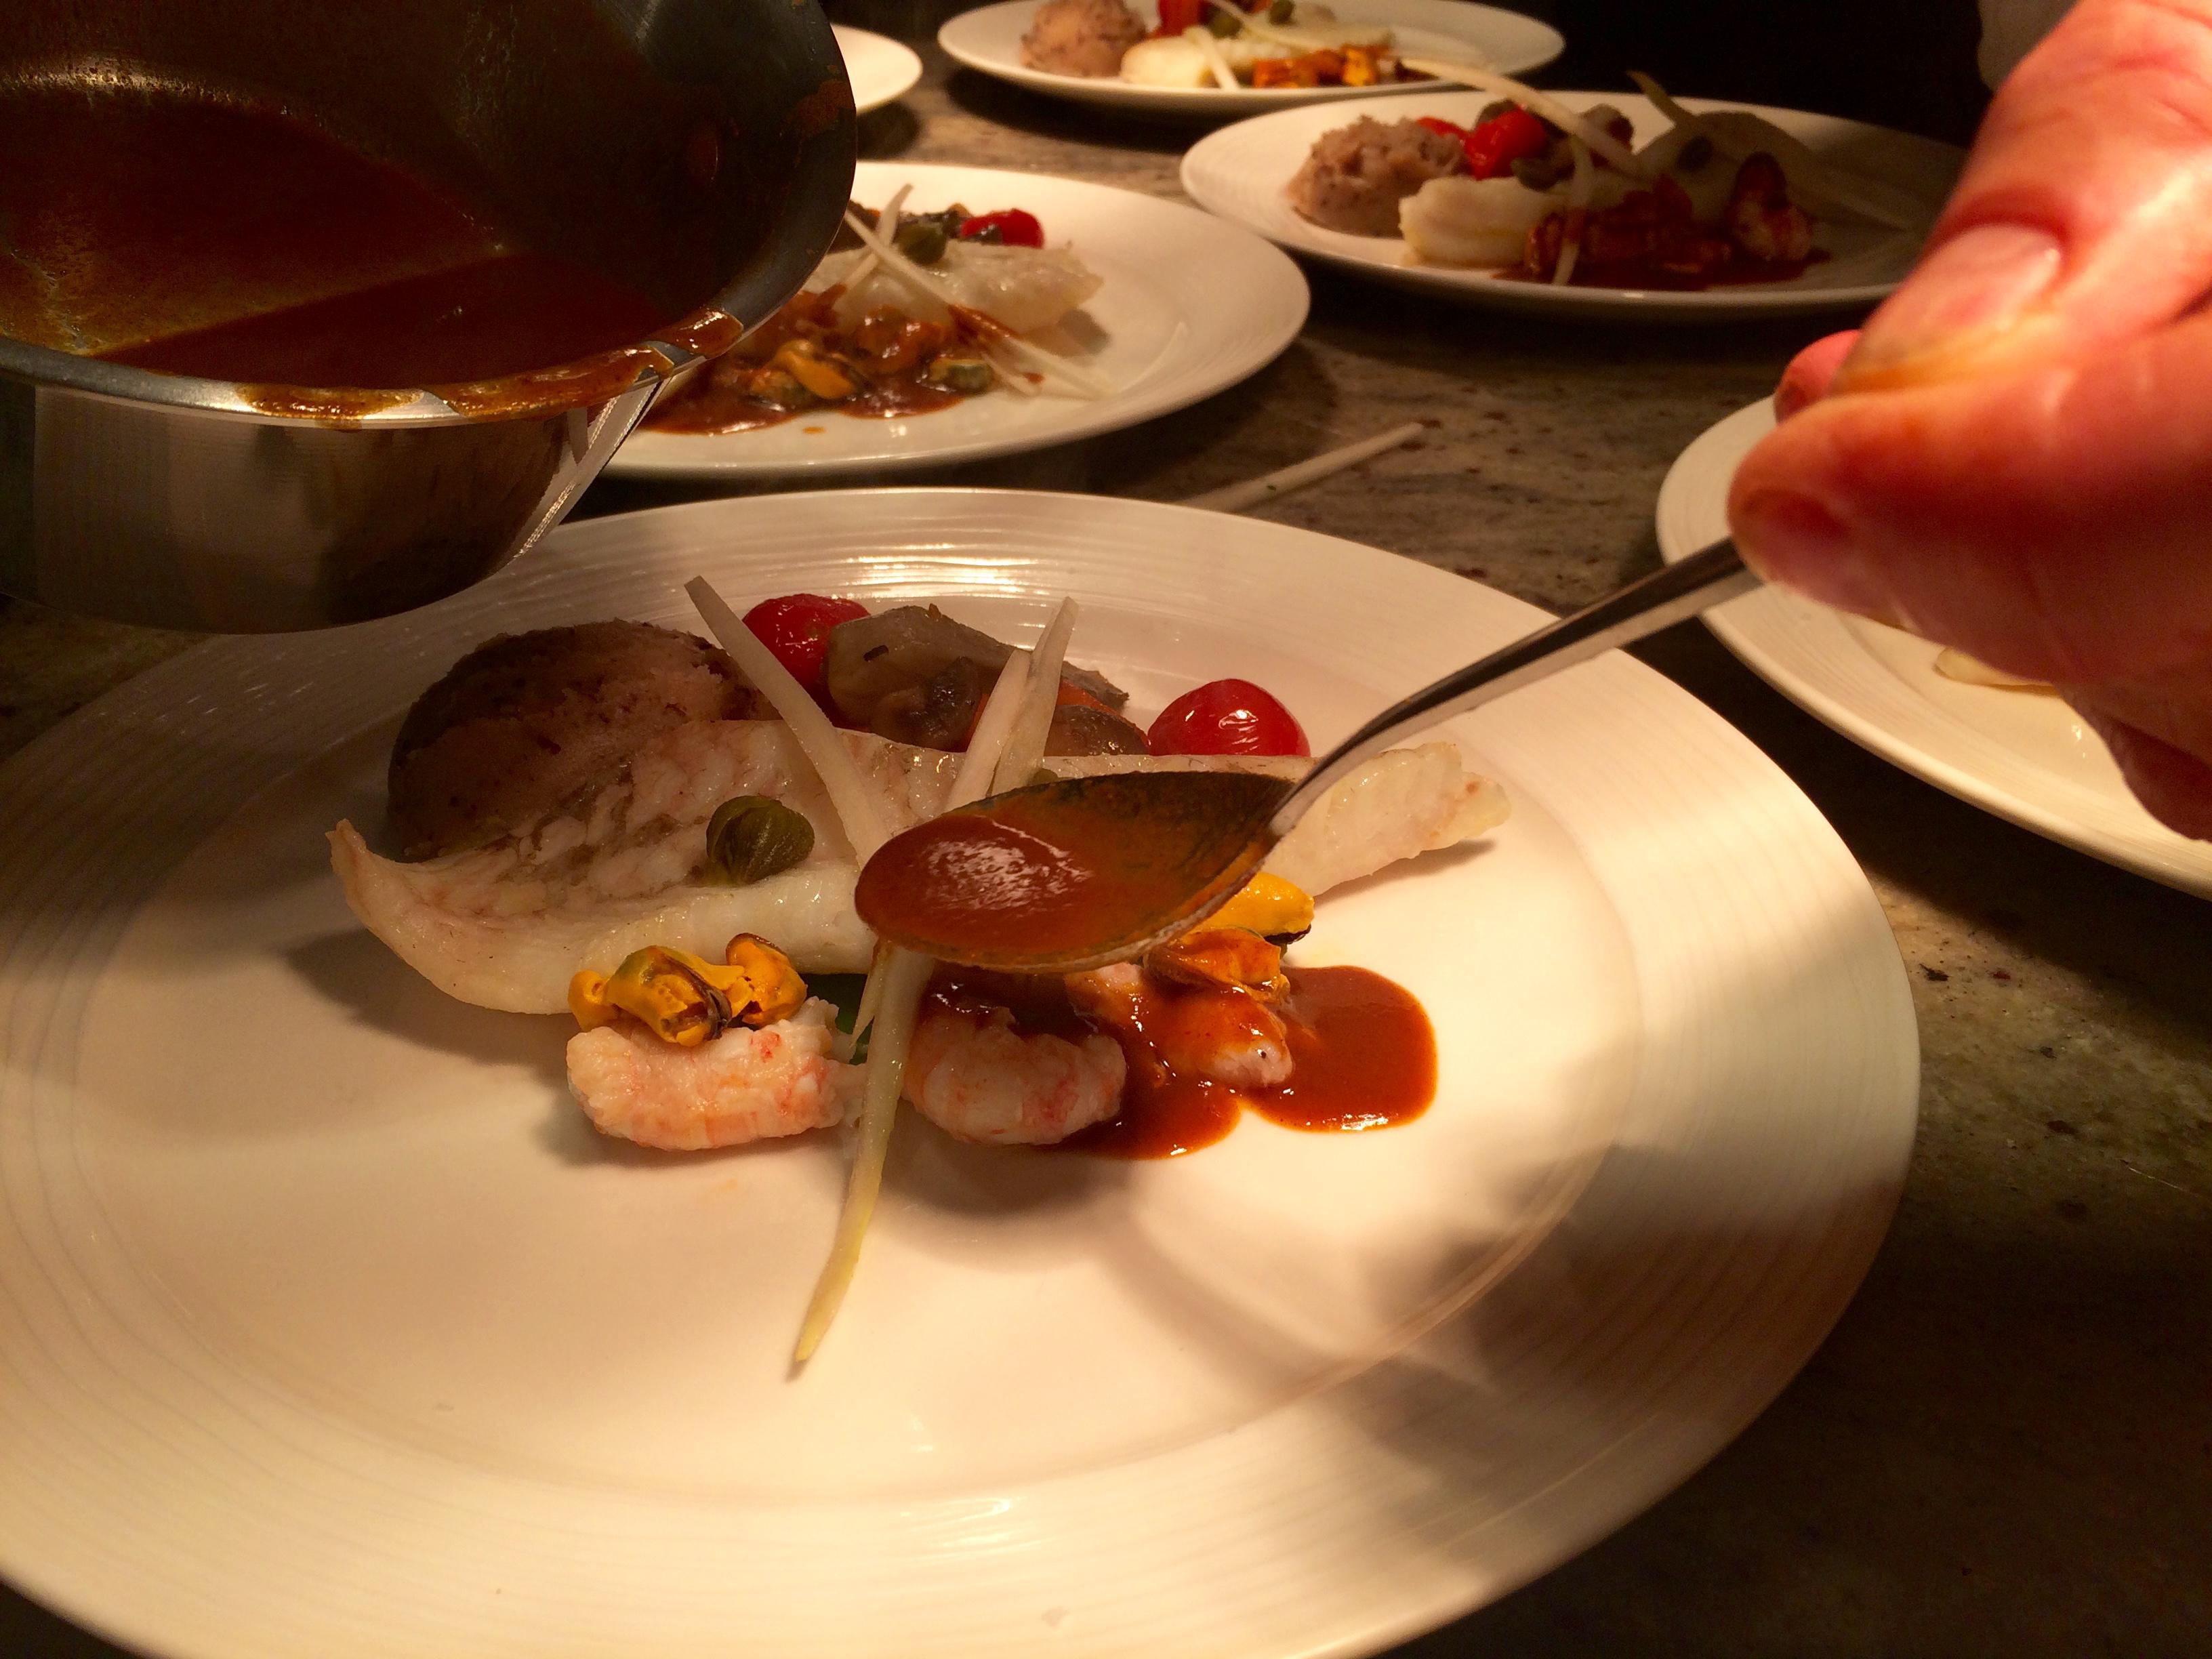 FIlet van griet, gecorseerde saus van langoustines, langoustines en bouchotmosseltjes. Een lekkere St Véran erbij en het feestmaal is af. Smakelijke groeten !